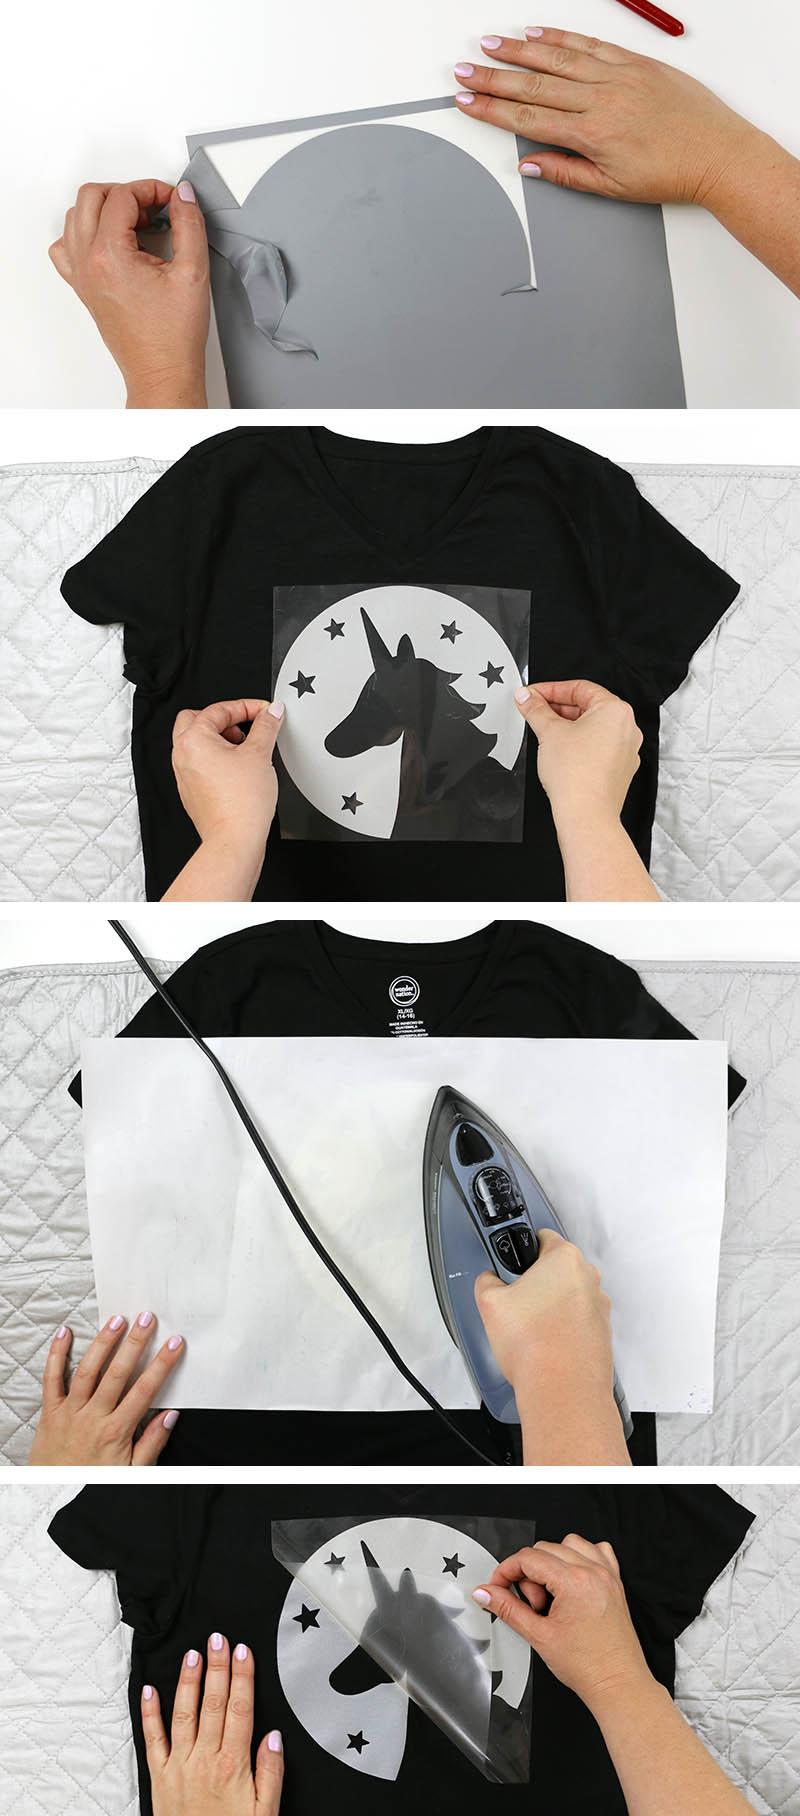 iron on reflective heat transfer vinyl